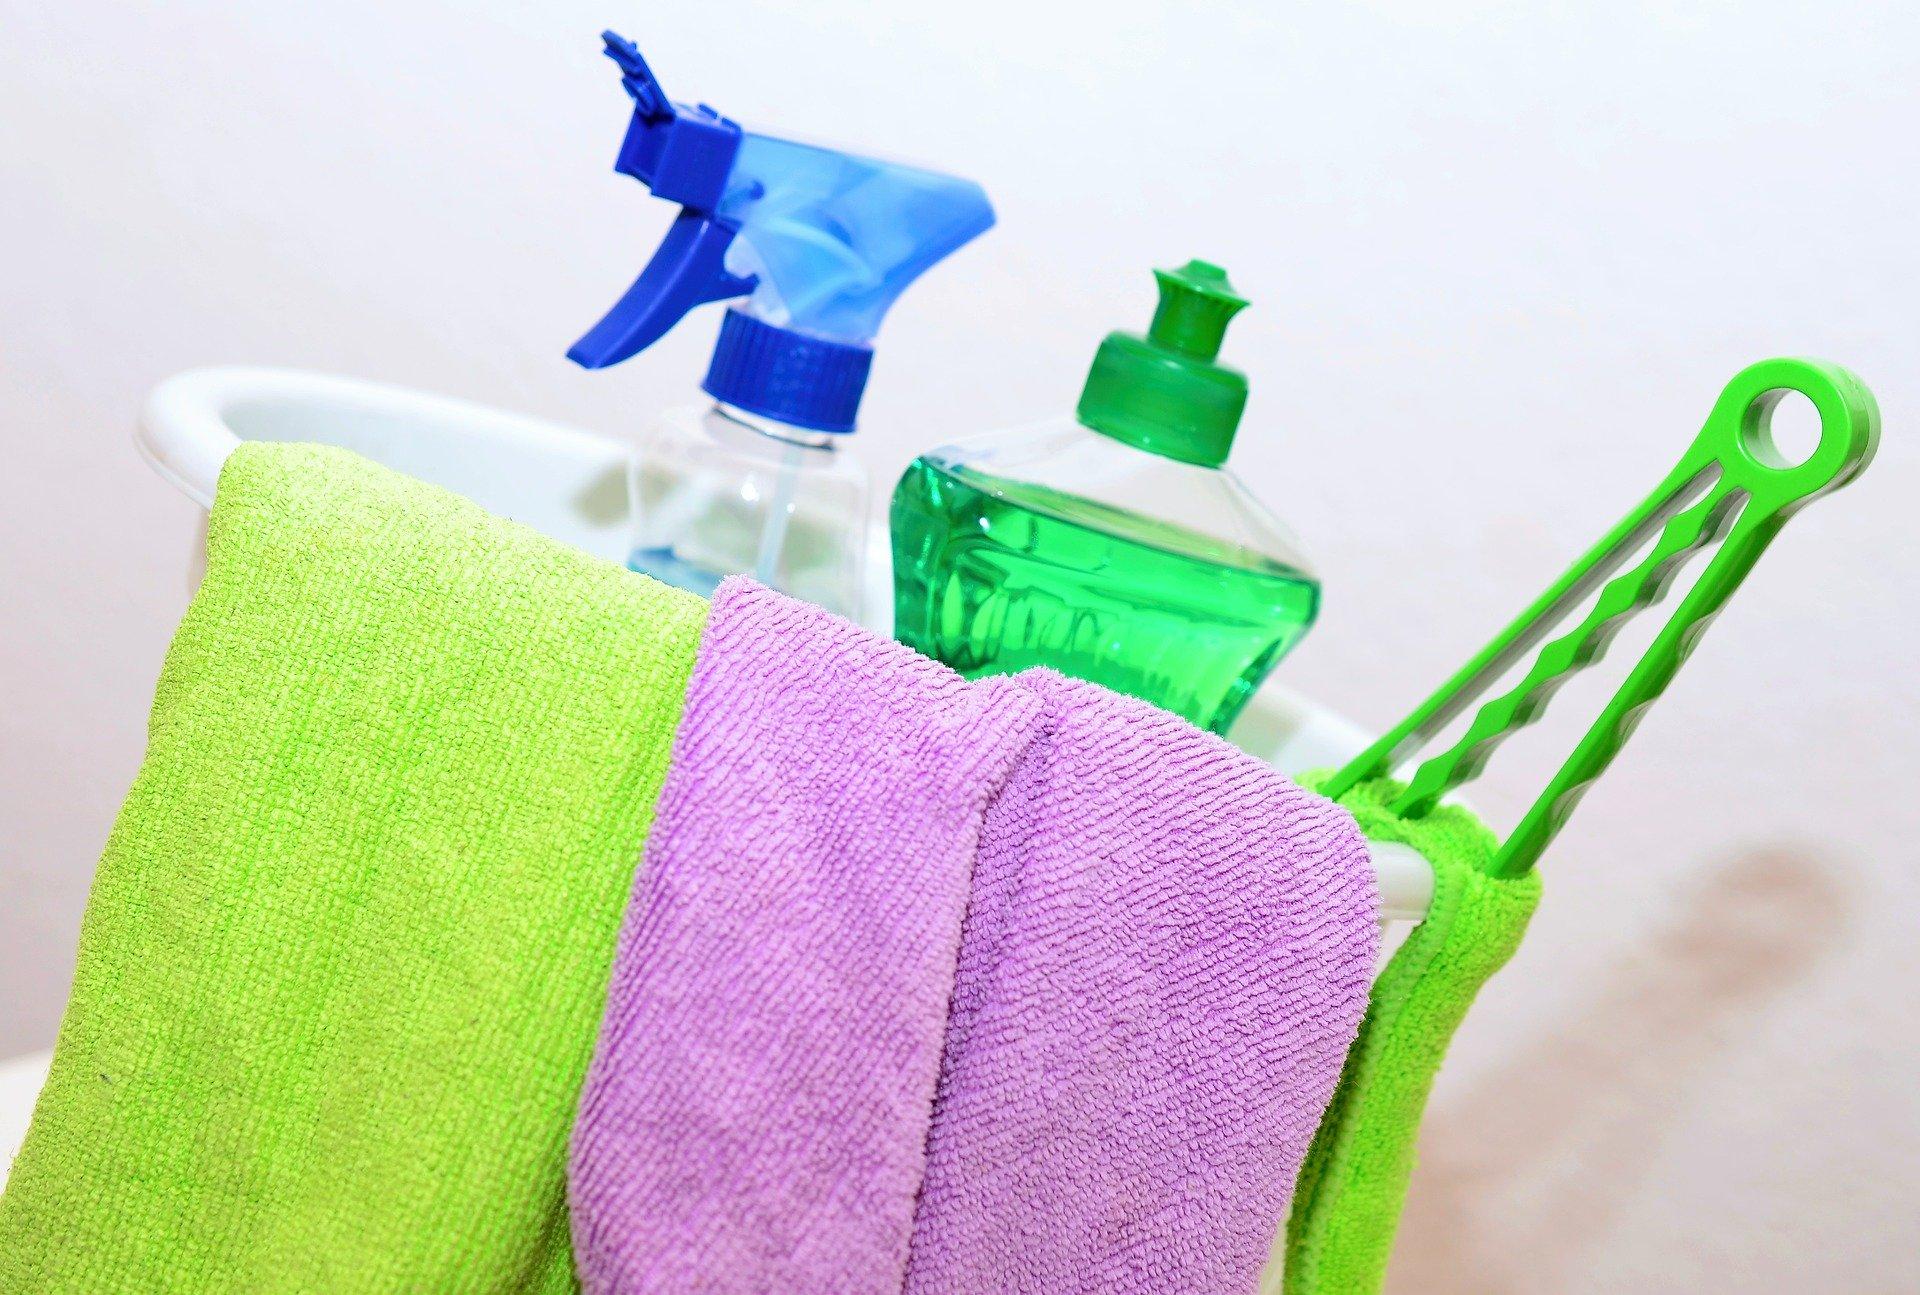 Cursos Aplicación y Seguimiento de Medidas de Prevención de Riesgos Laborales en la Limpieza de Mobiliario